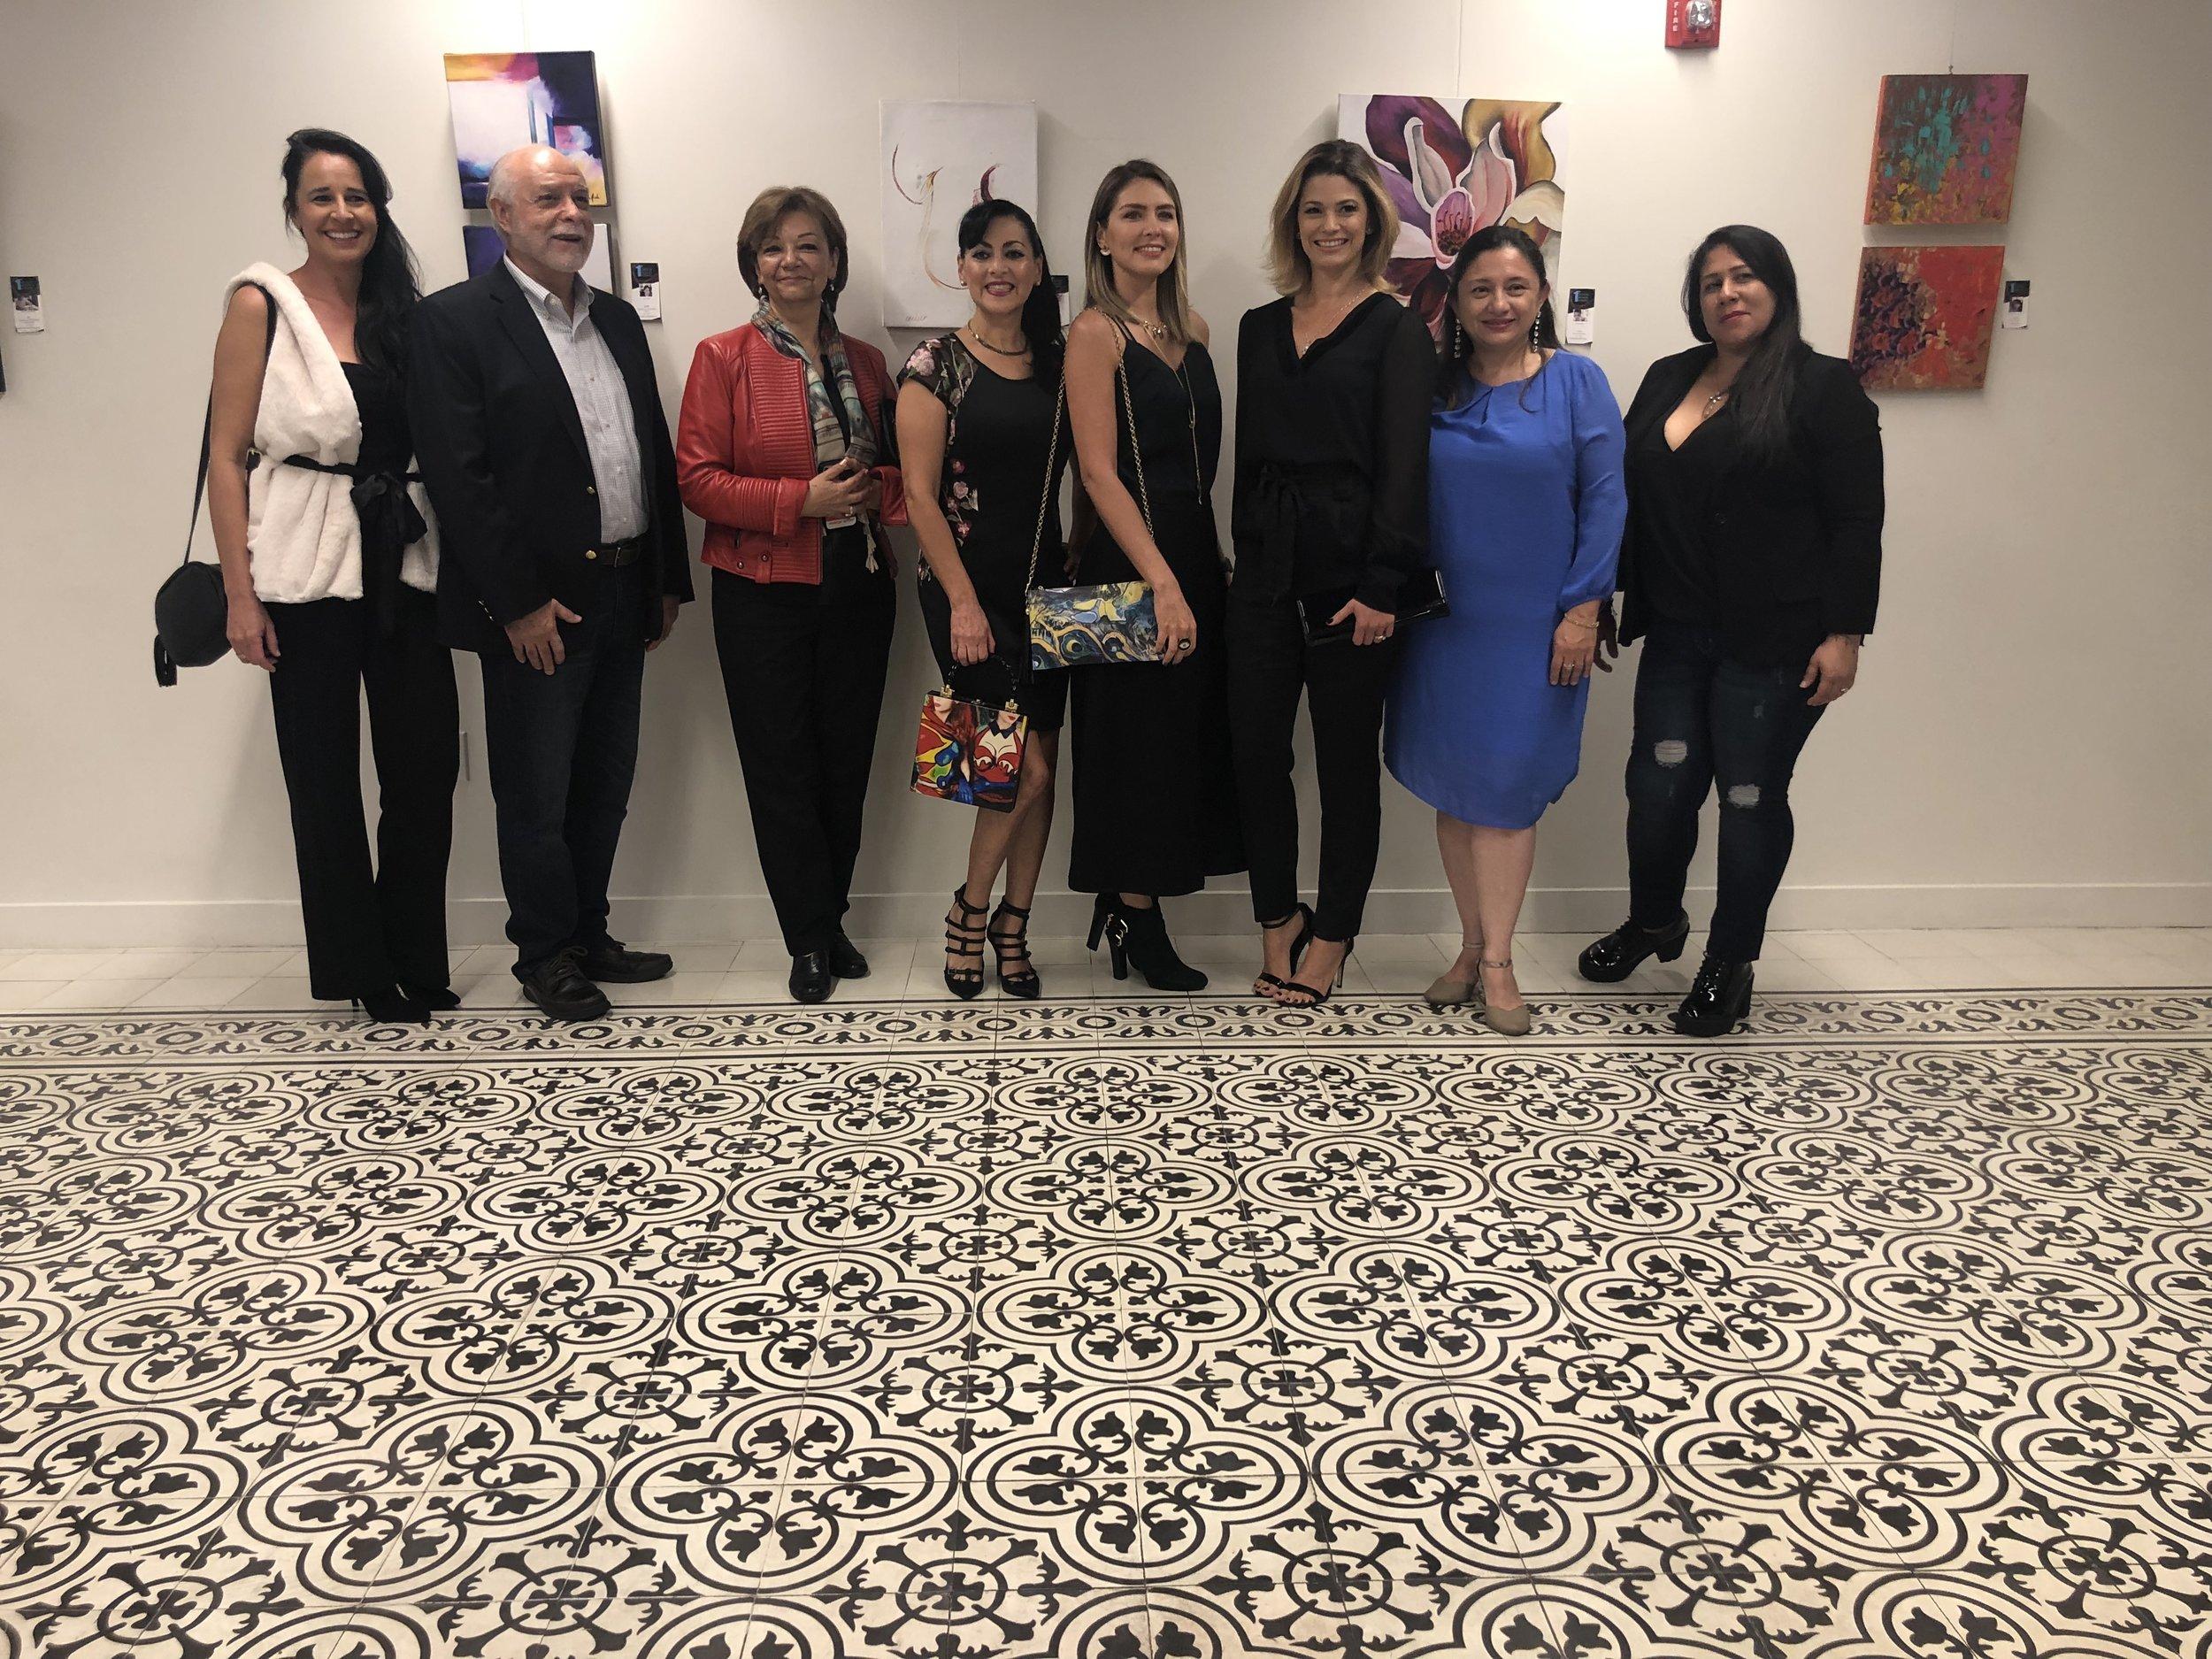 Con motivo de darle la bienvenida al nuevo Cónsul de Colombia en Miami, varios artistas colombianos radicados en el sur del estado de la Florida se reunieron en el consulado en Coral Gables. Esta exposición también celebra la inauguración de la primera sala de formato pequeño en el consulado. -